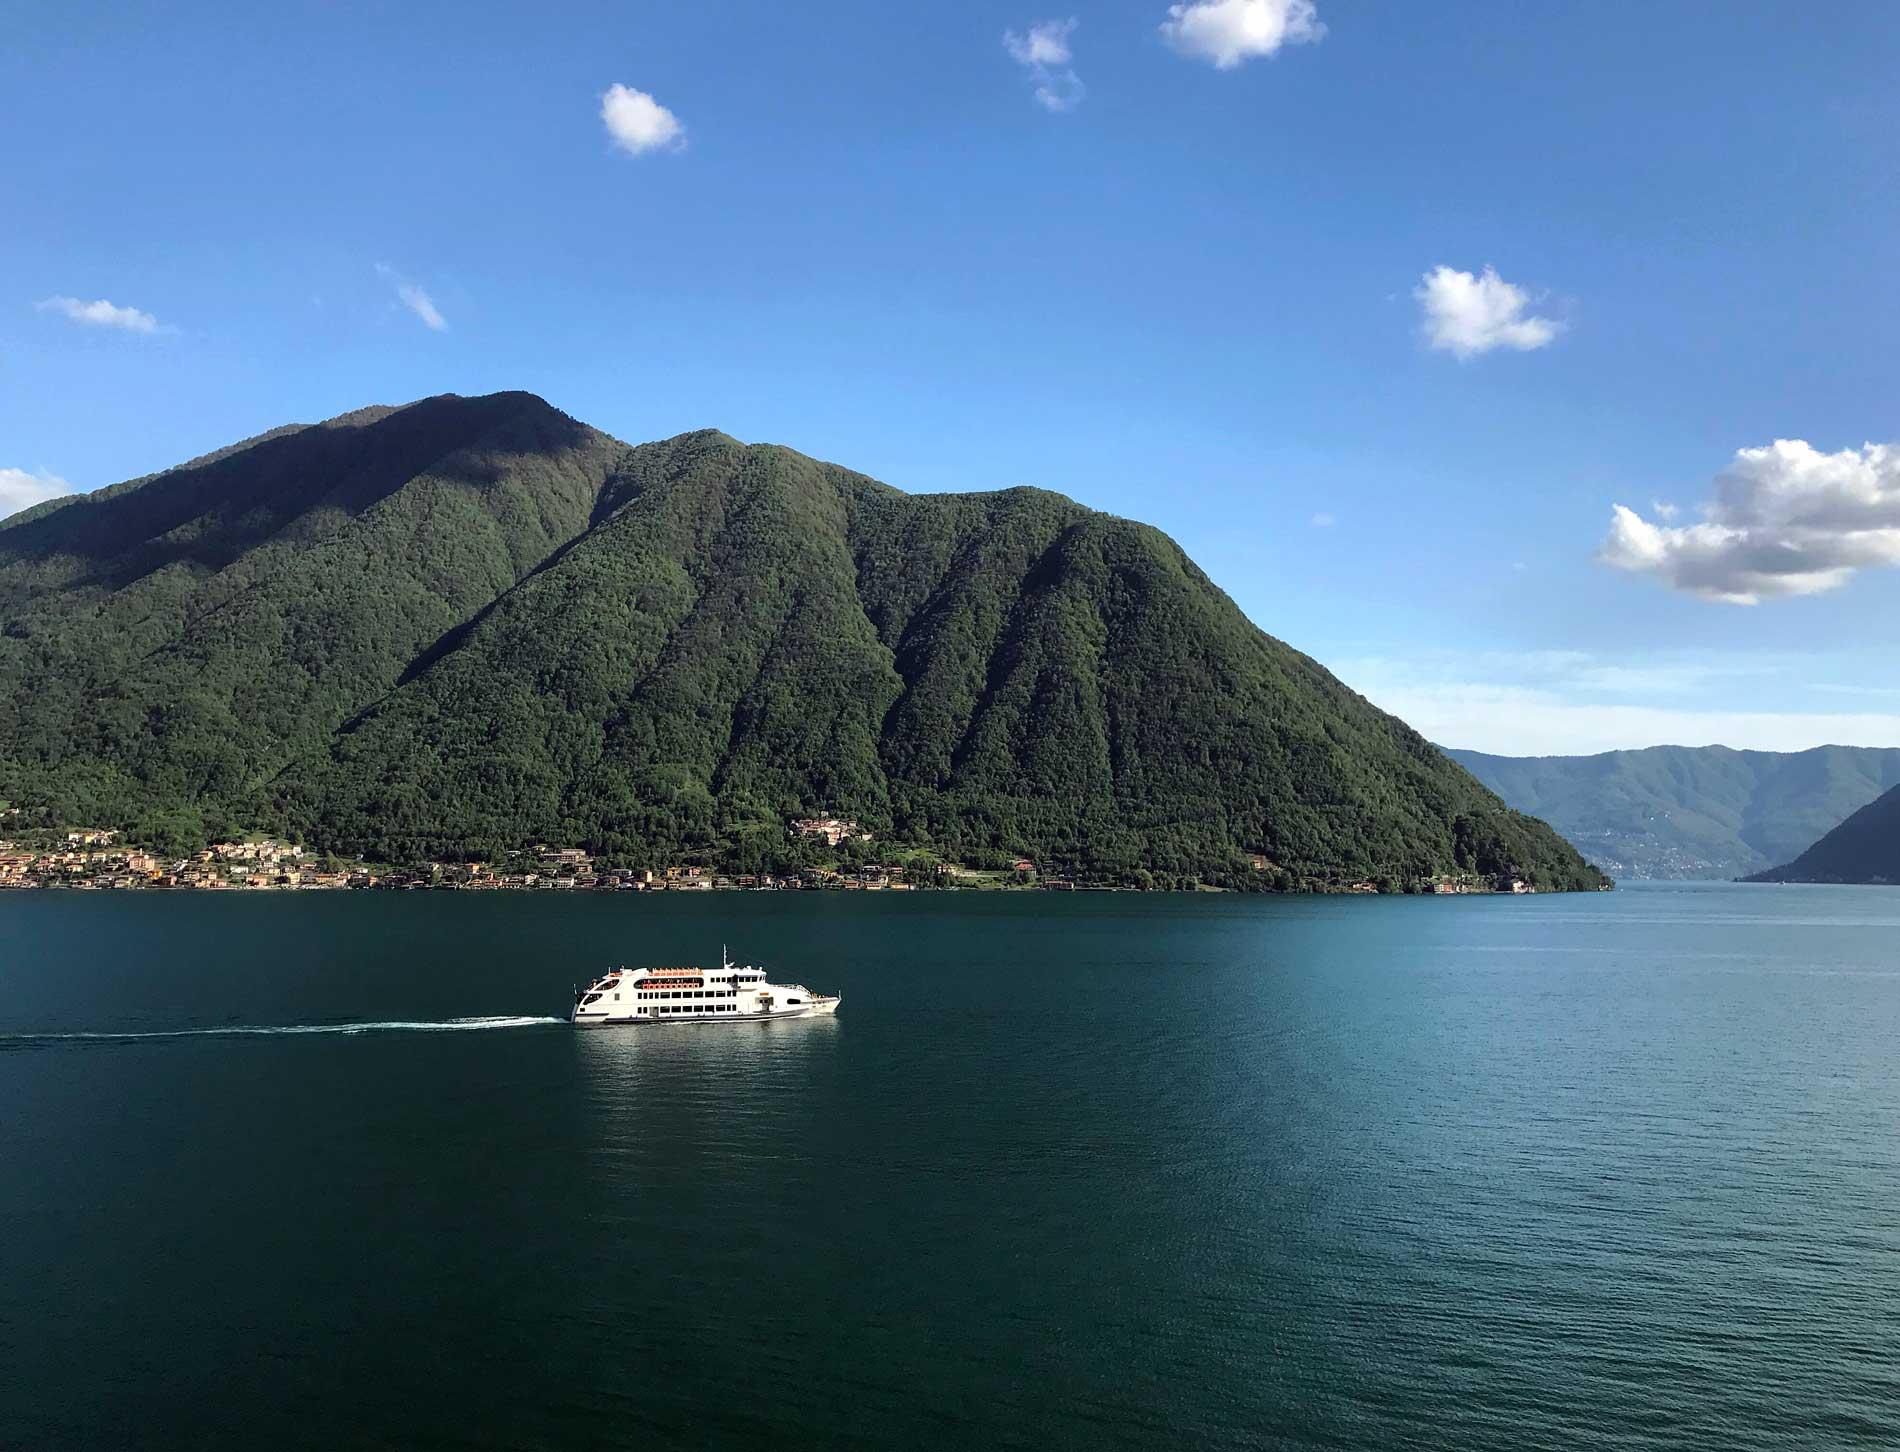 Colonno-Lago-di-Como-meraviglioso-panorama-traghetto-cielo-blu